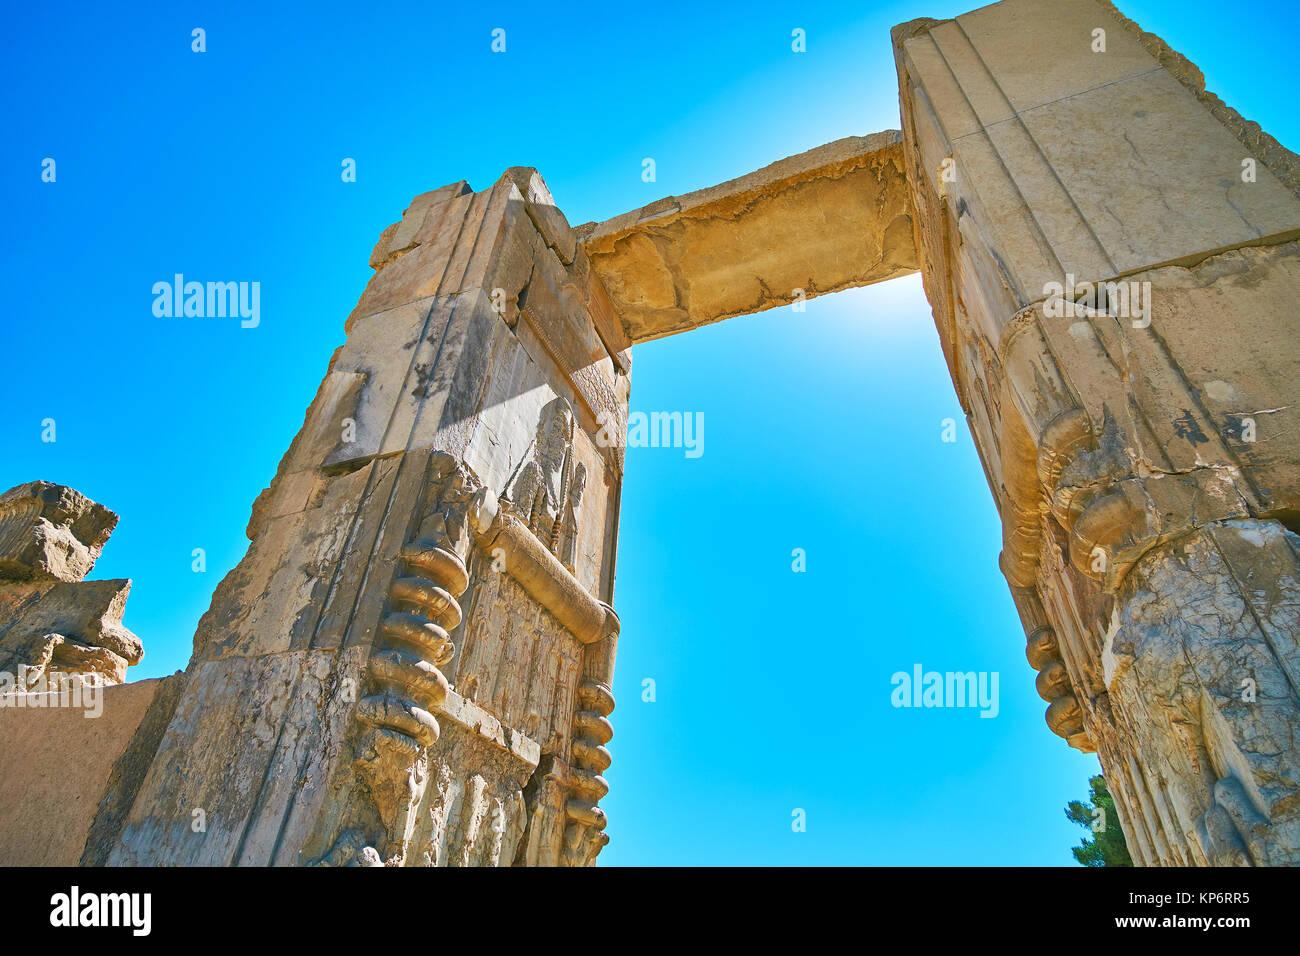 Promenade à travers la grande porte de centaines de colonnes dans l'ancien Hall Persepolis, Iran. Banque D'Images